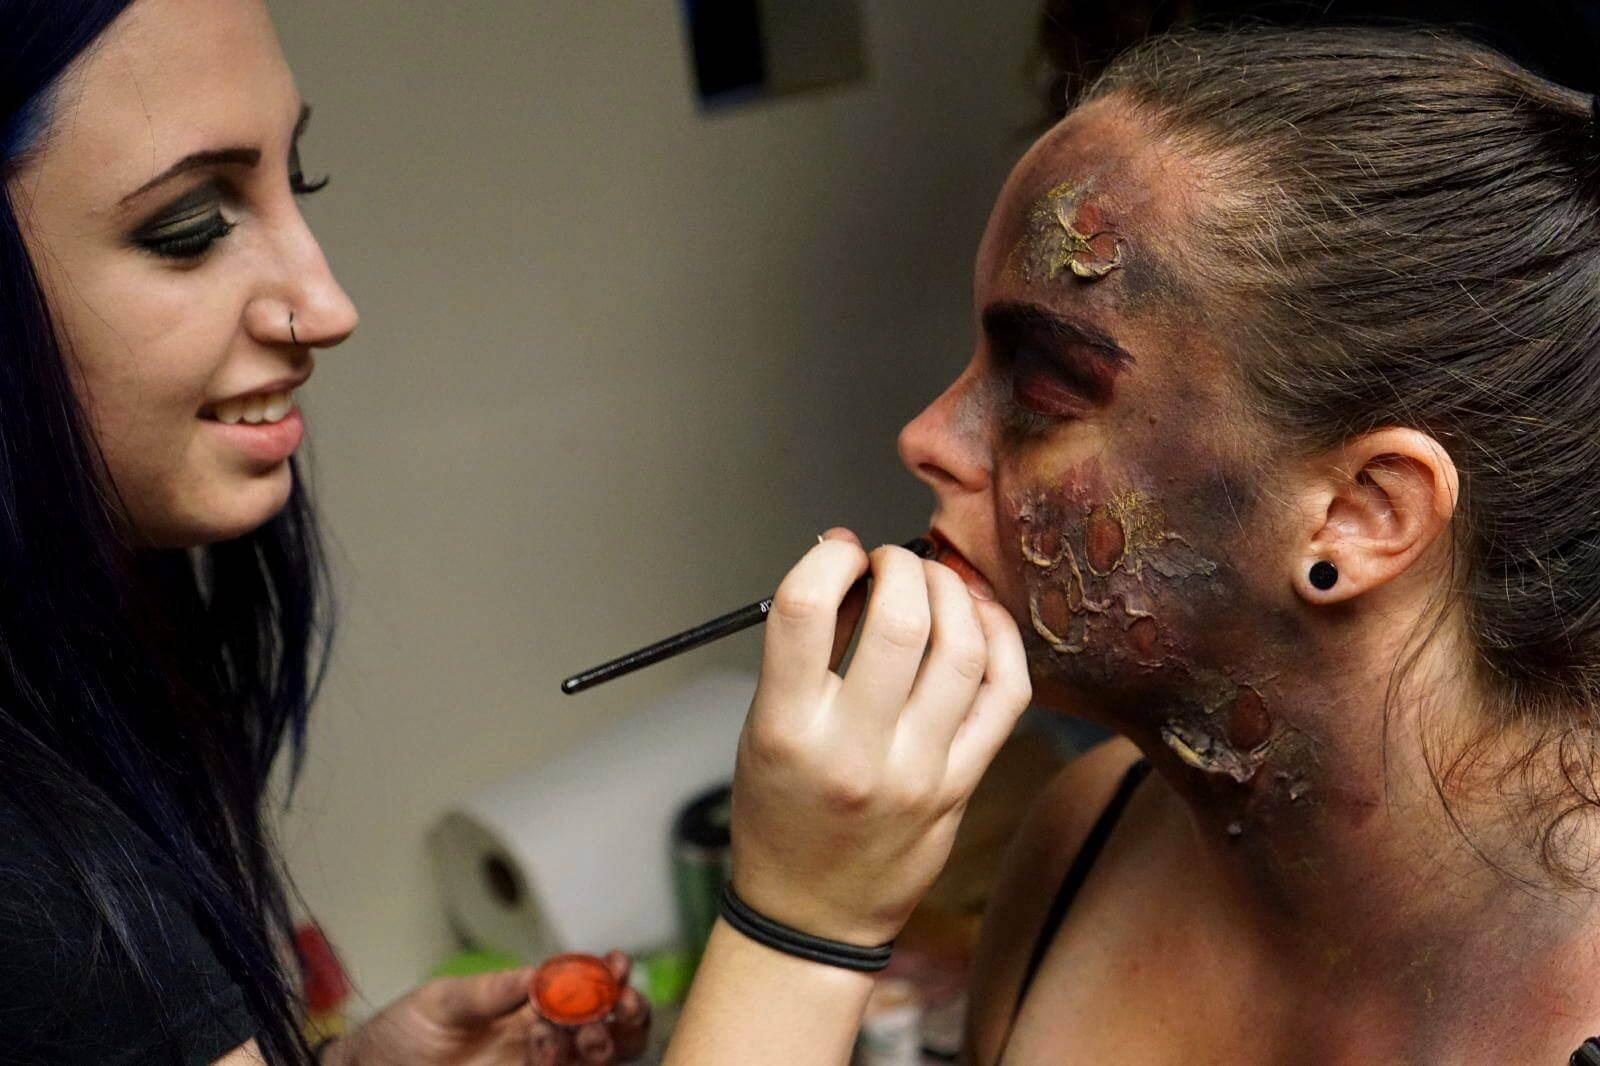 makeup-fun-monster-zombie-creature-heartstoppers